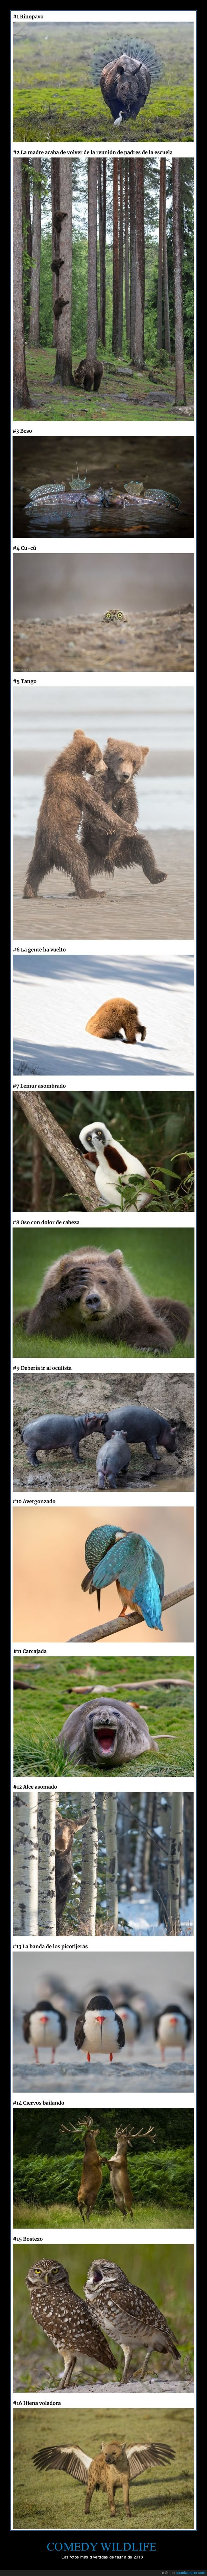 animales,comedy wildlife